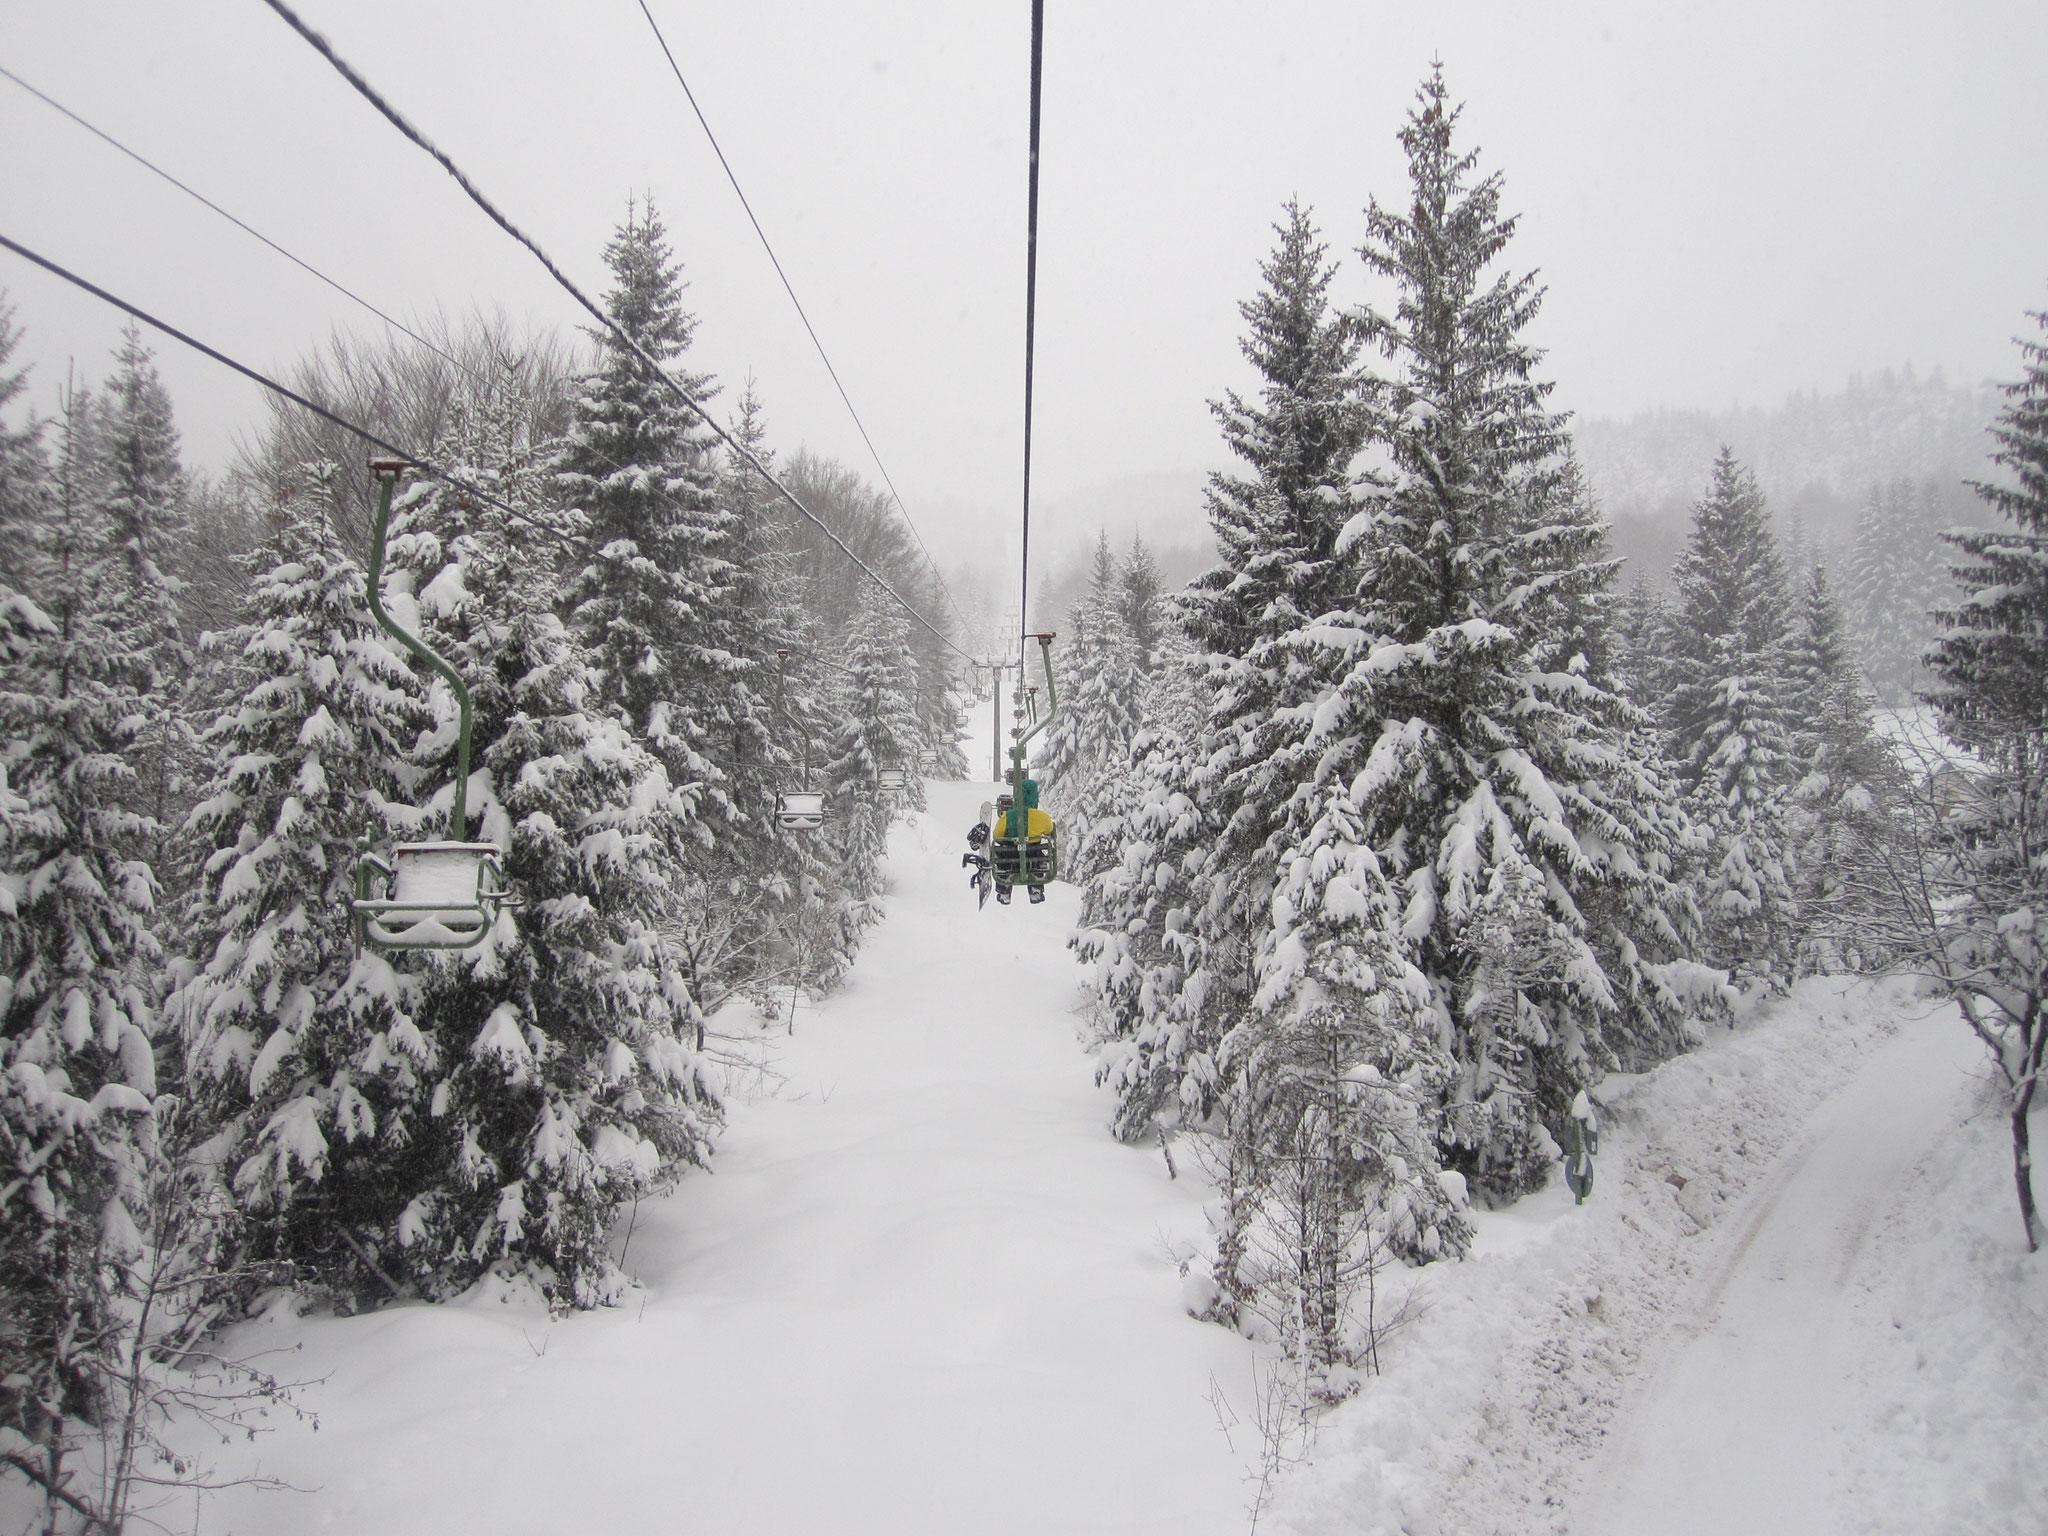 Kranzberg-chairlift